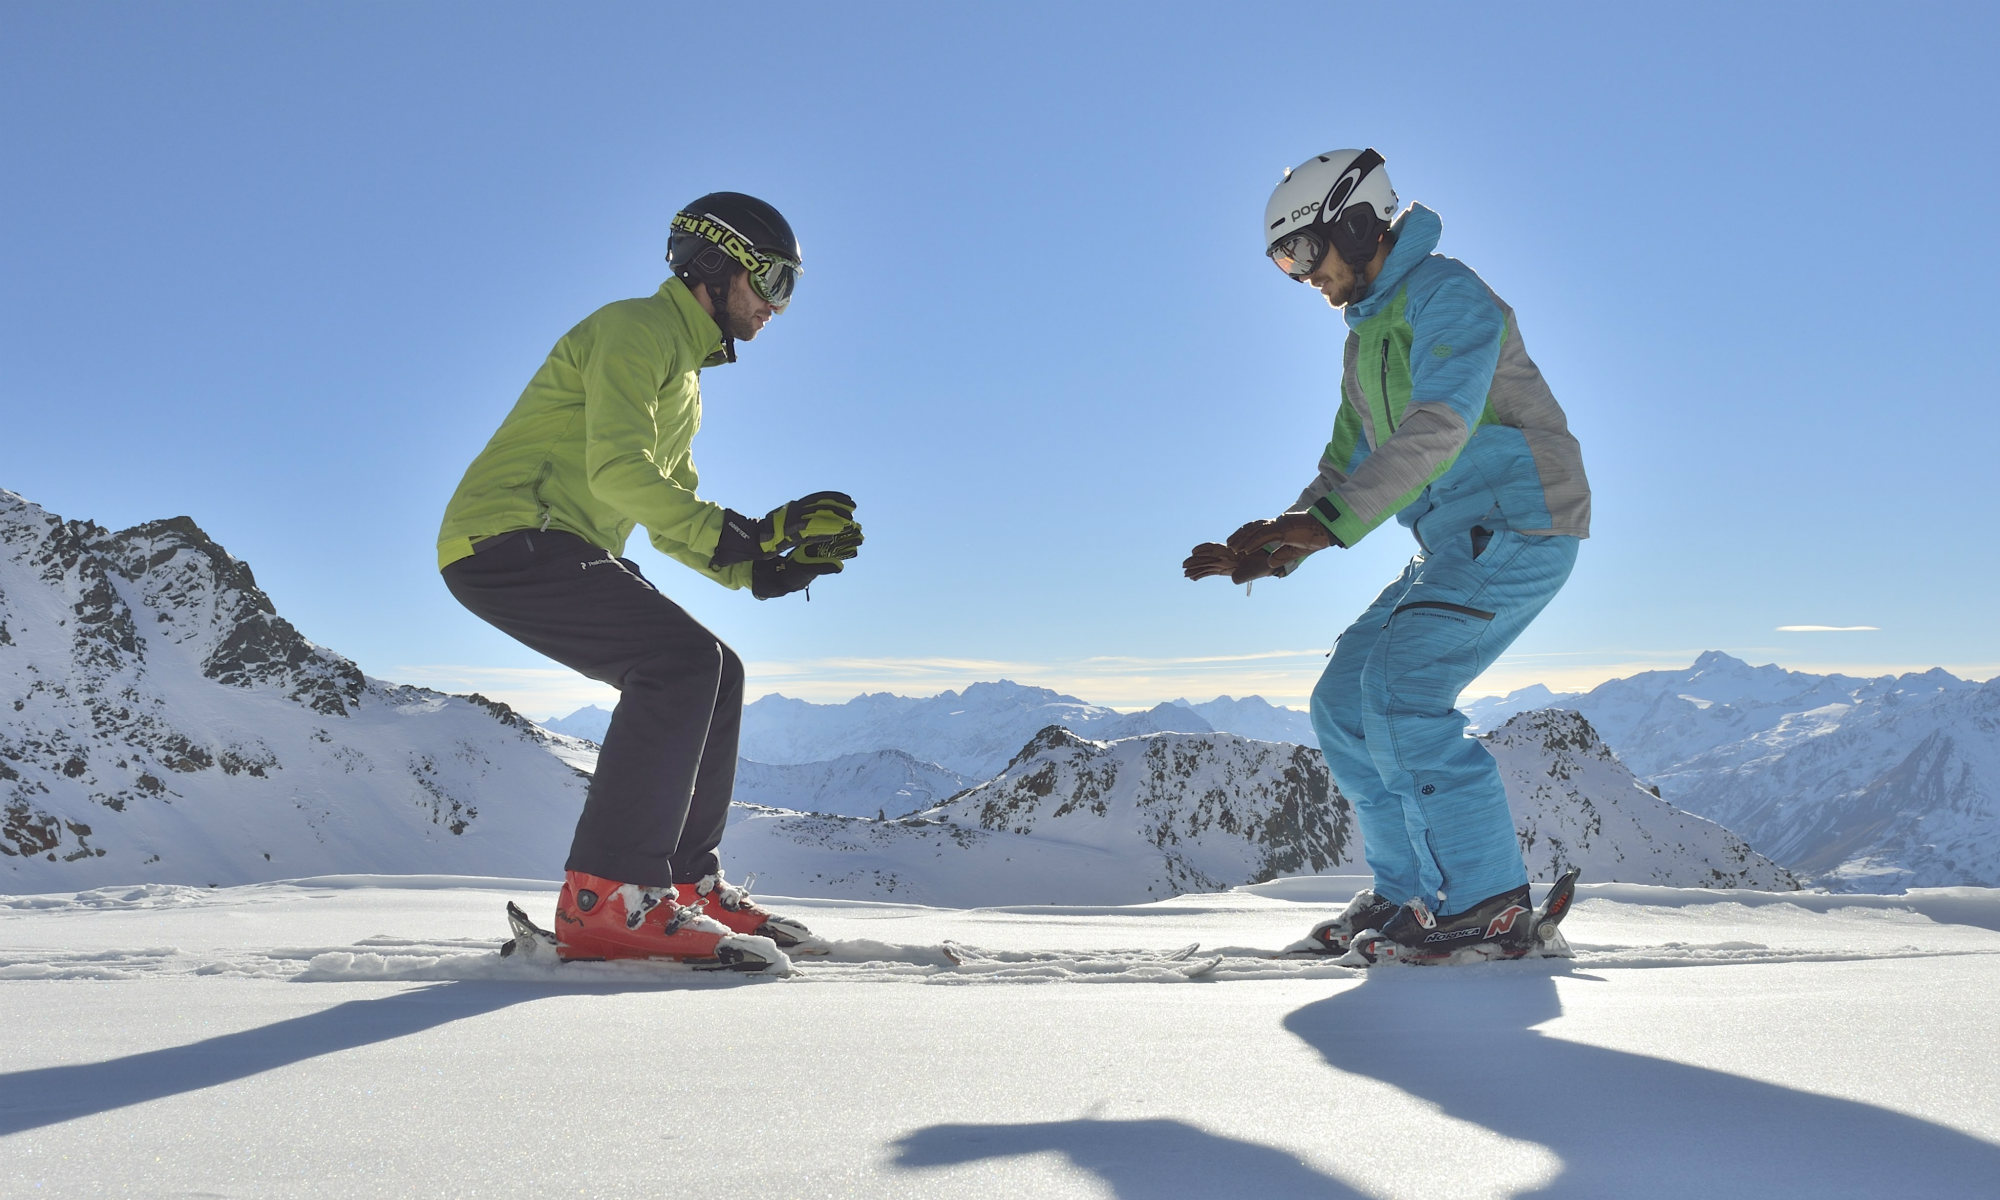 Le altalene sono ideali per gli esercizi di riscaldamento prima di sciare.